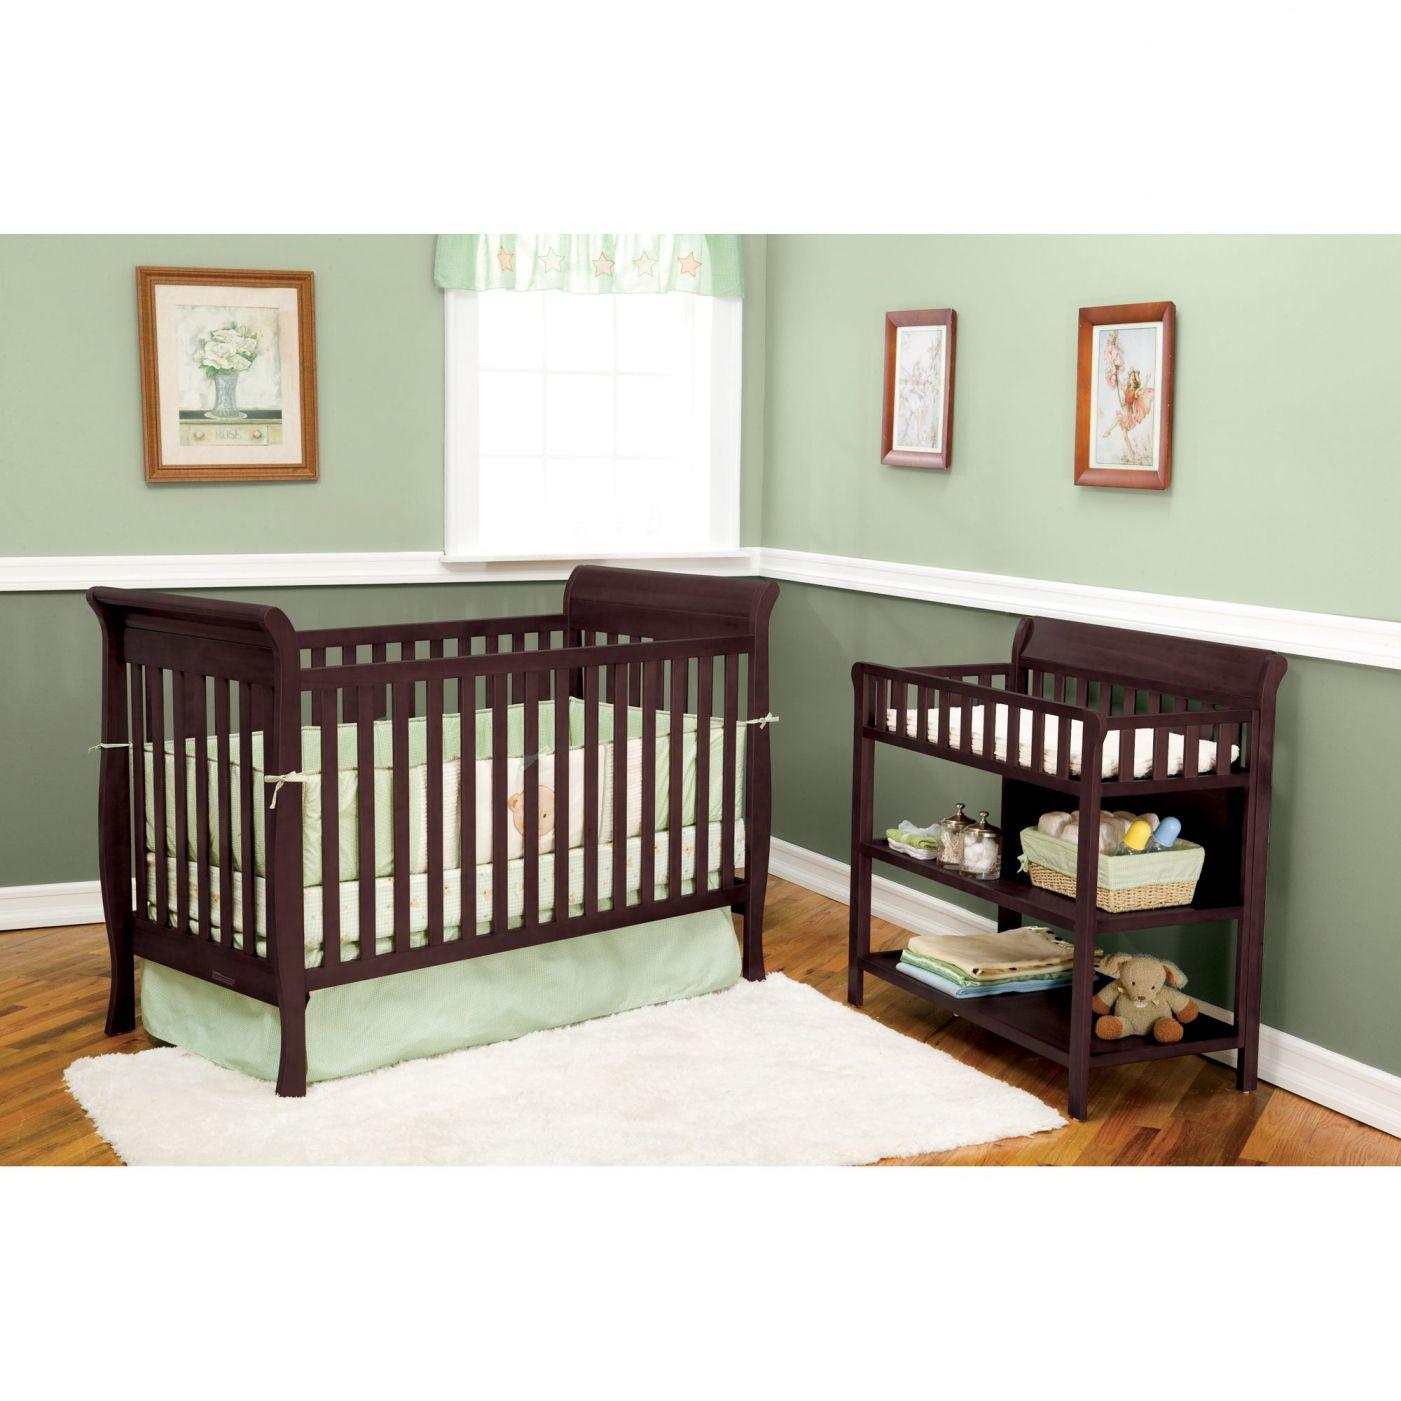 Sears Nursery Furniture Thenurseries